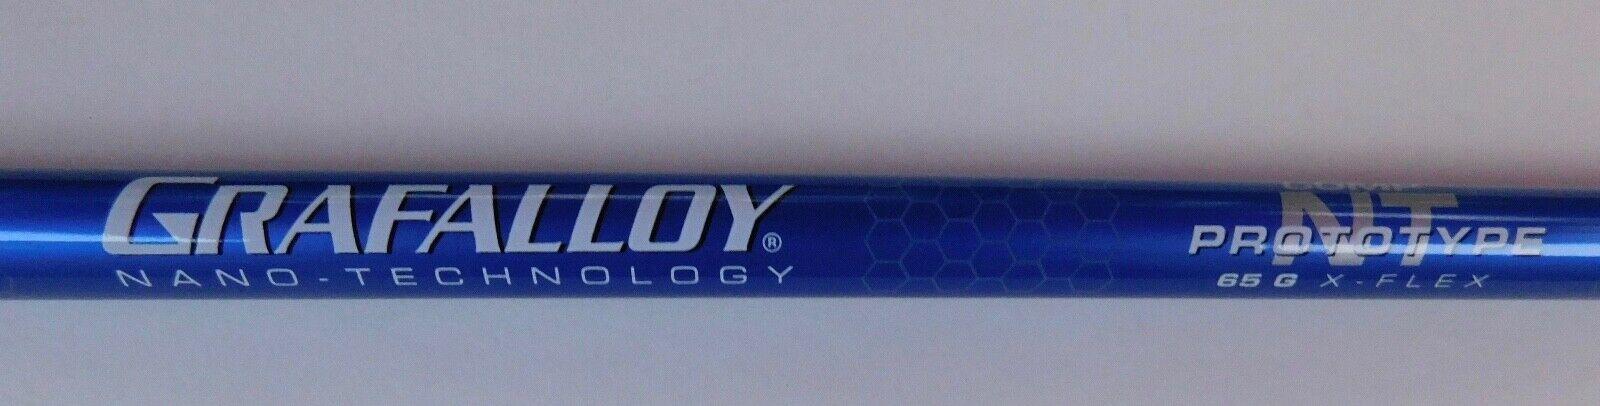 Grafalloy projootipo Comp NT 65  X  Flex .335 punta de eje de grafito controlador